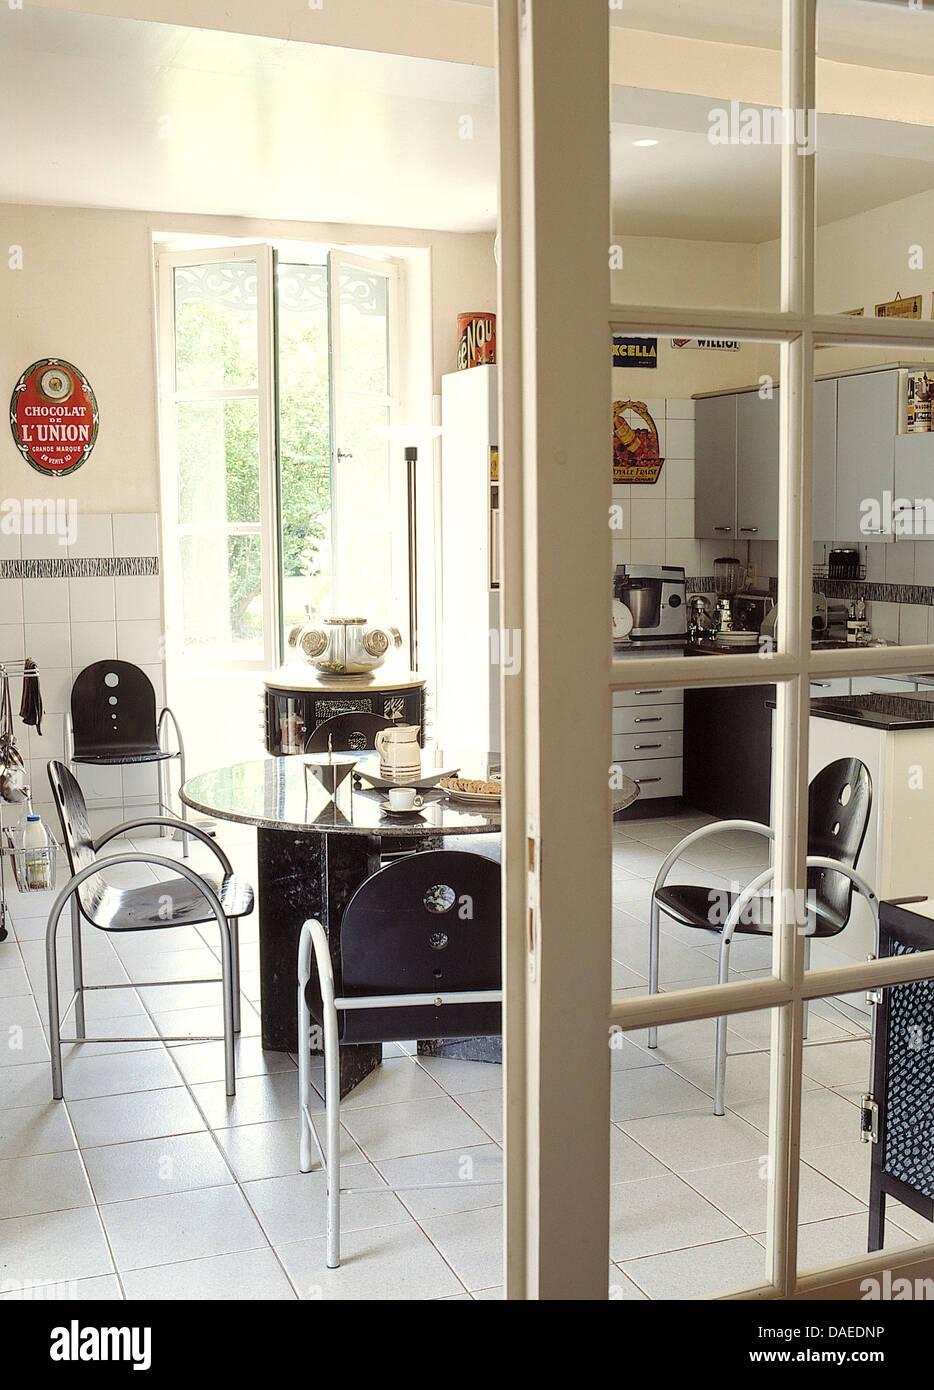 Charmant Französisch Küche Stühle Fotos - Ideen Für Die Küche ...